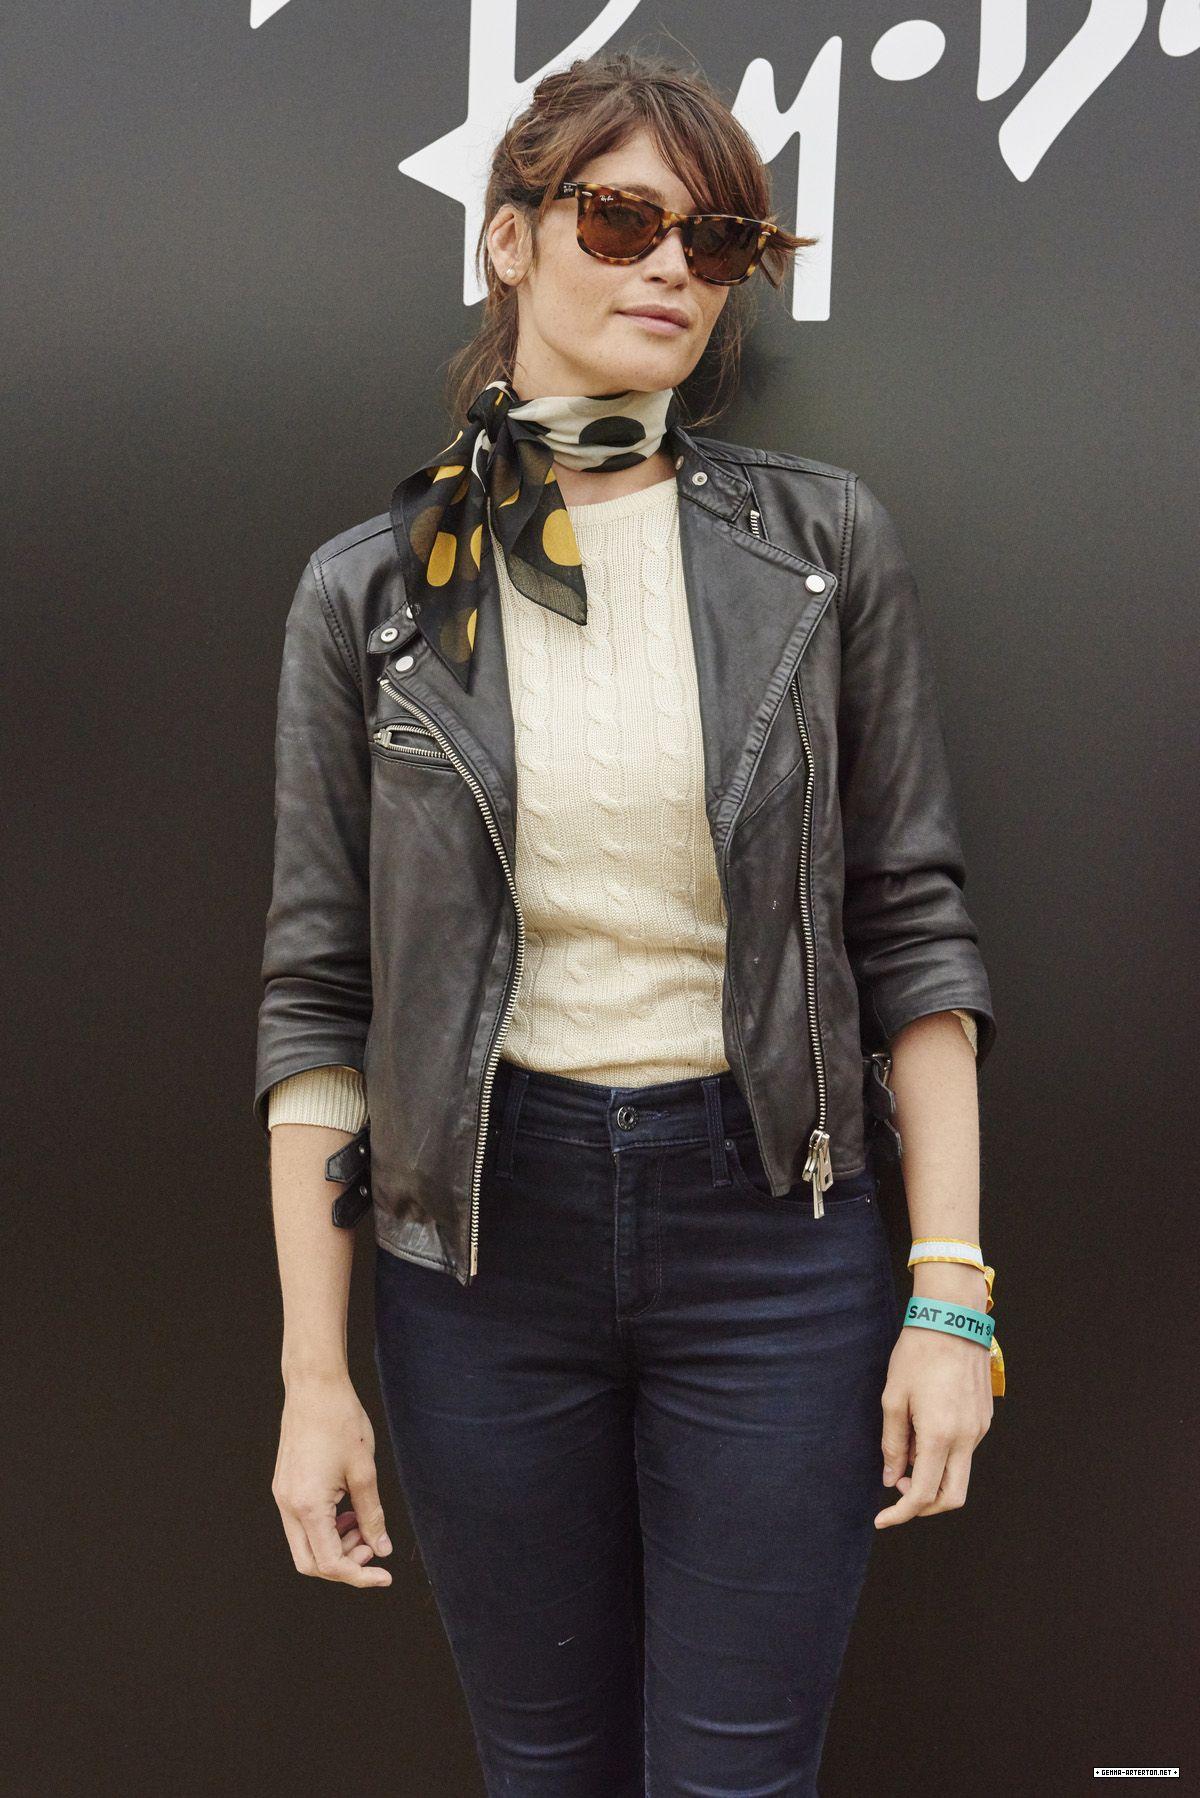 GEMMA ARTERTON at Ray-Ban Rooms at Barclaycard Presents British Summer Time London